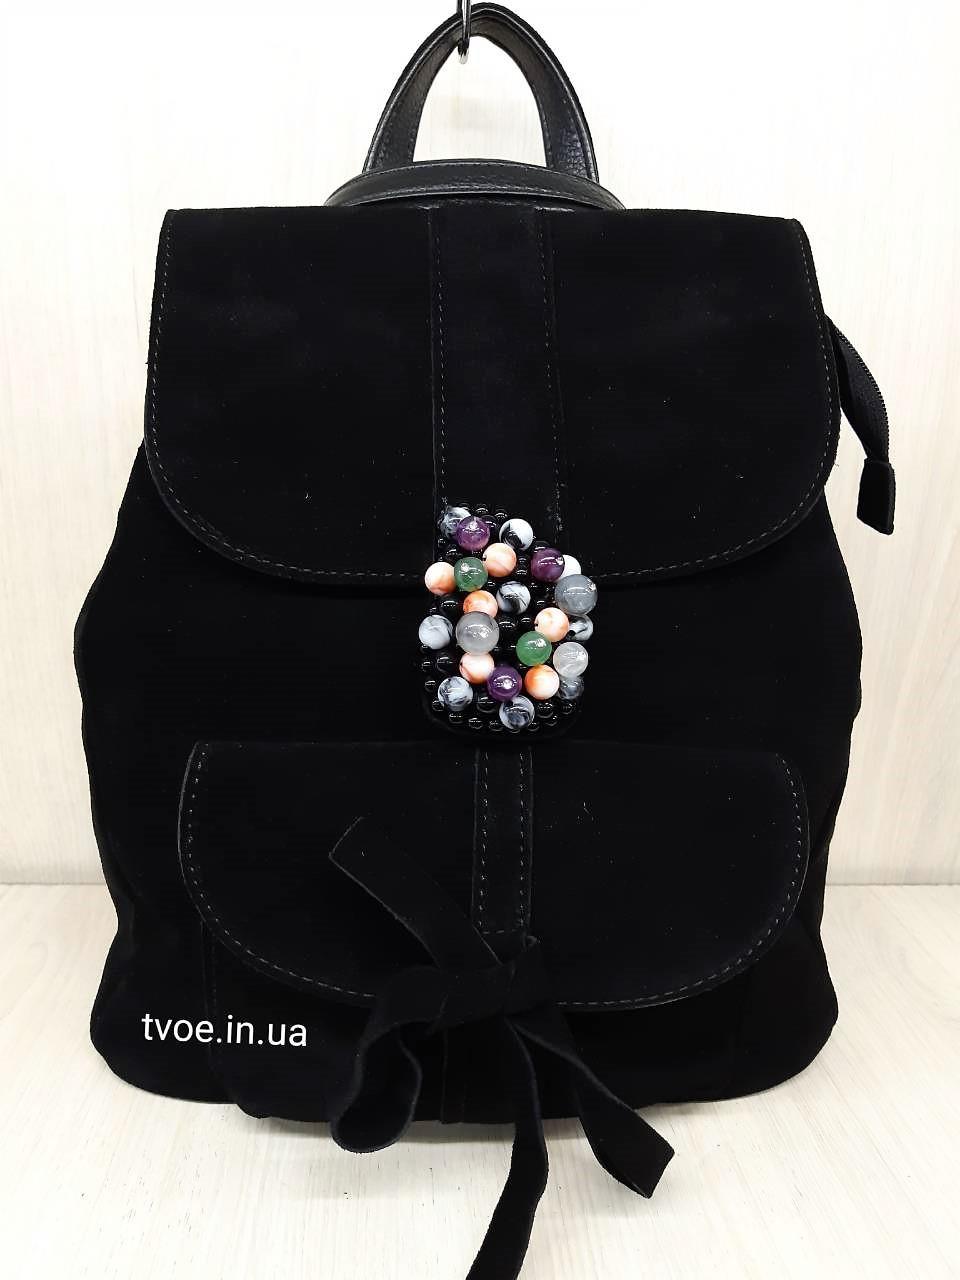 Женский городской вместительный рюкзак / сумка